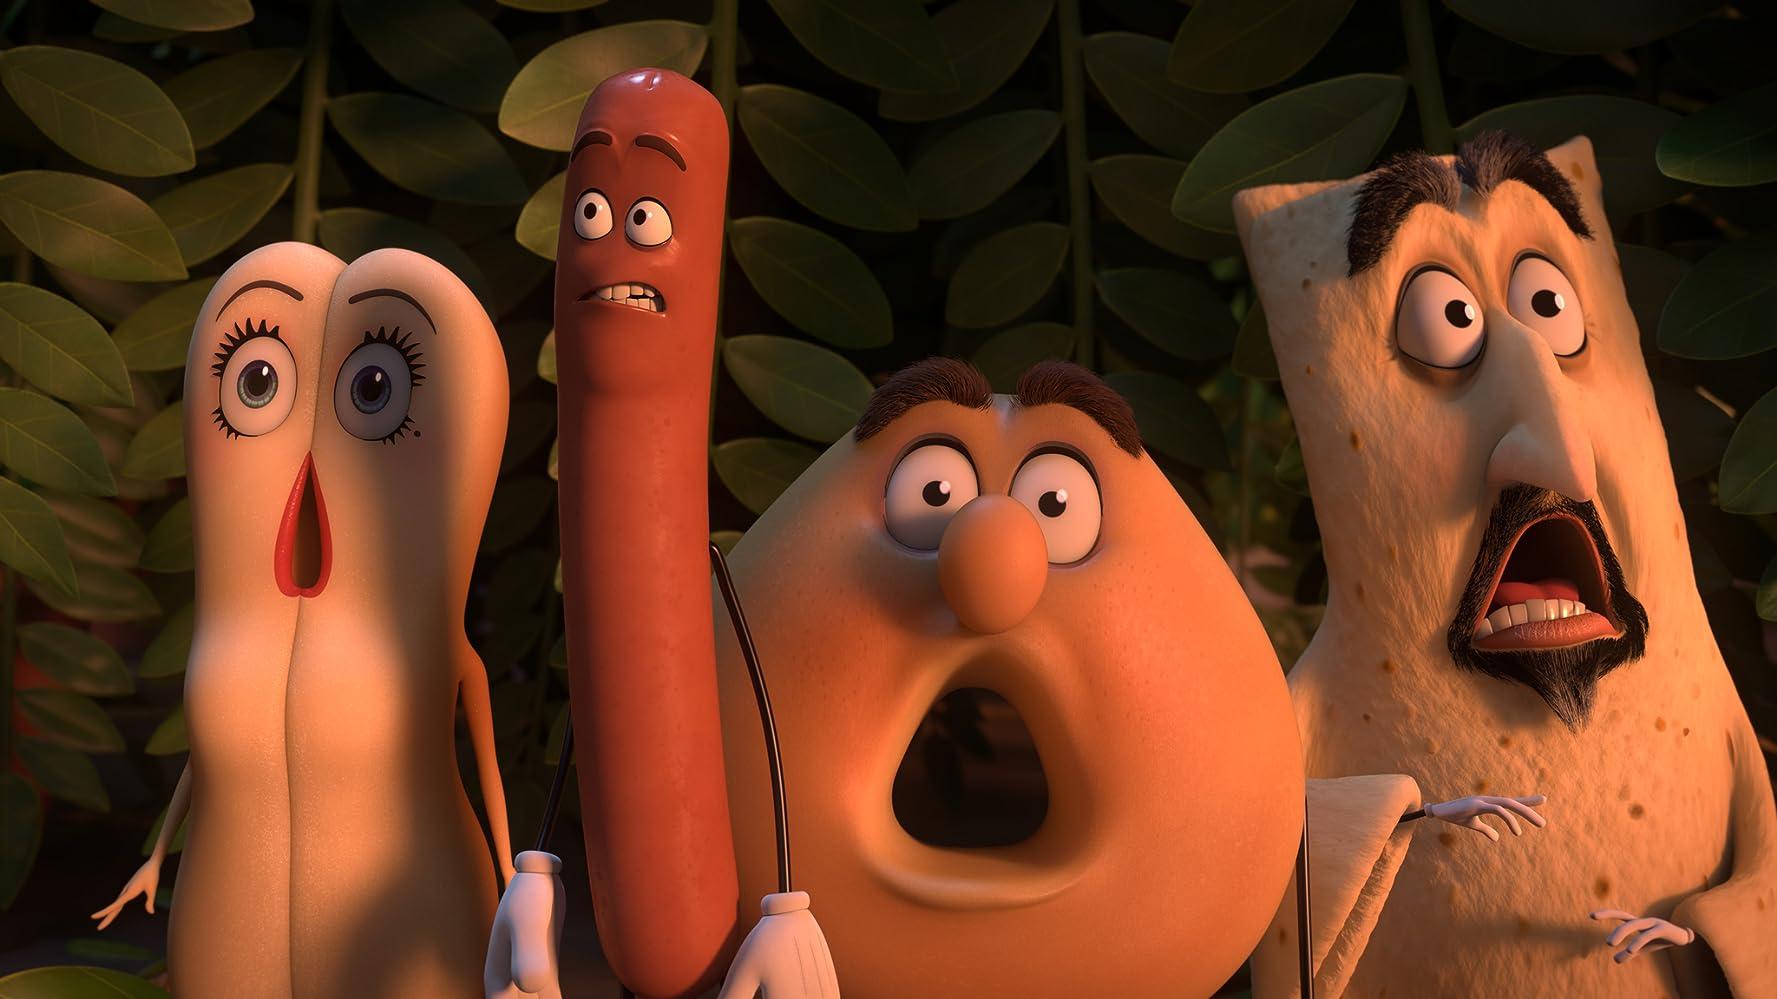 Edward Norton, David Krumholtz, Seth Rogen, and Kristen Wiig in Sausage Party (2016)